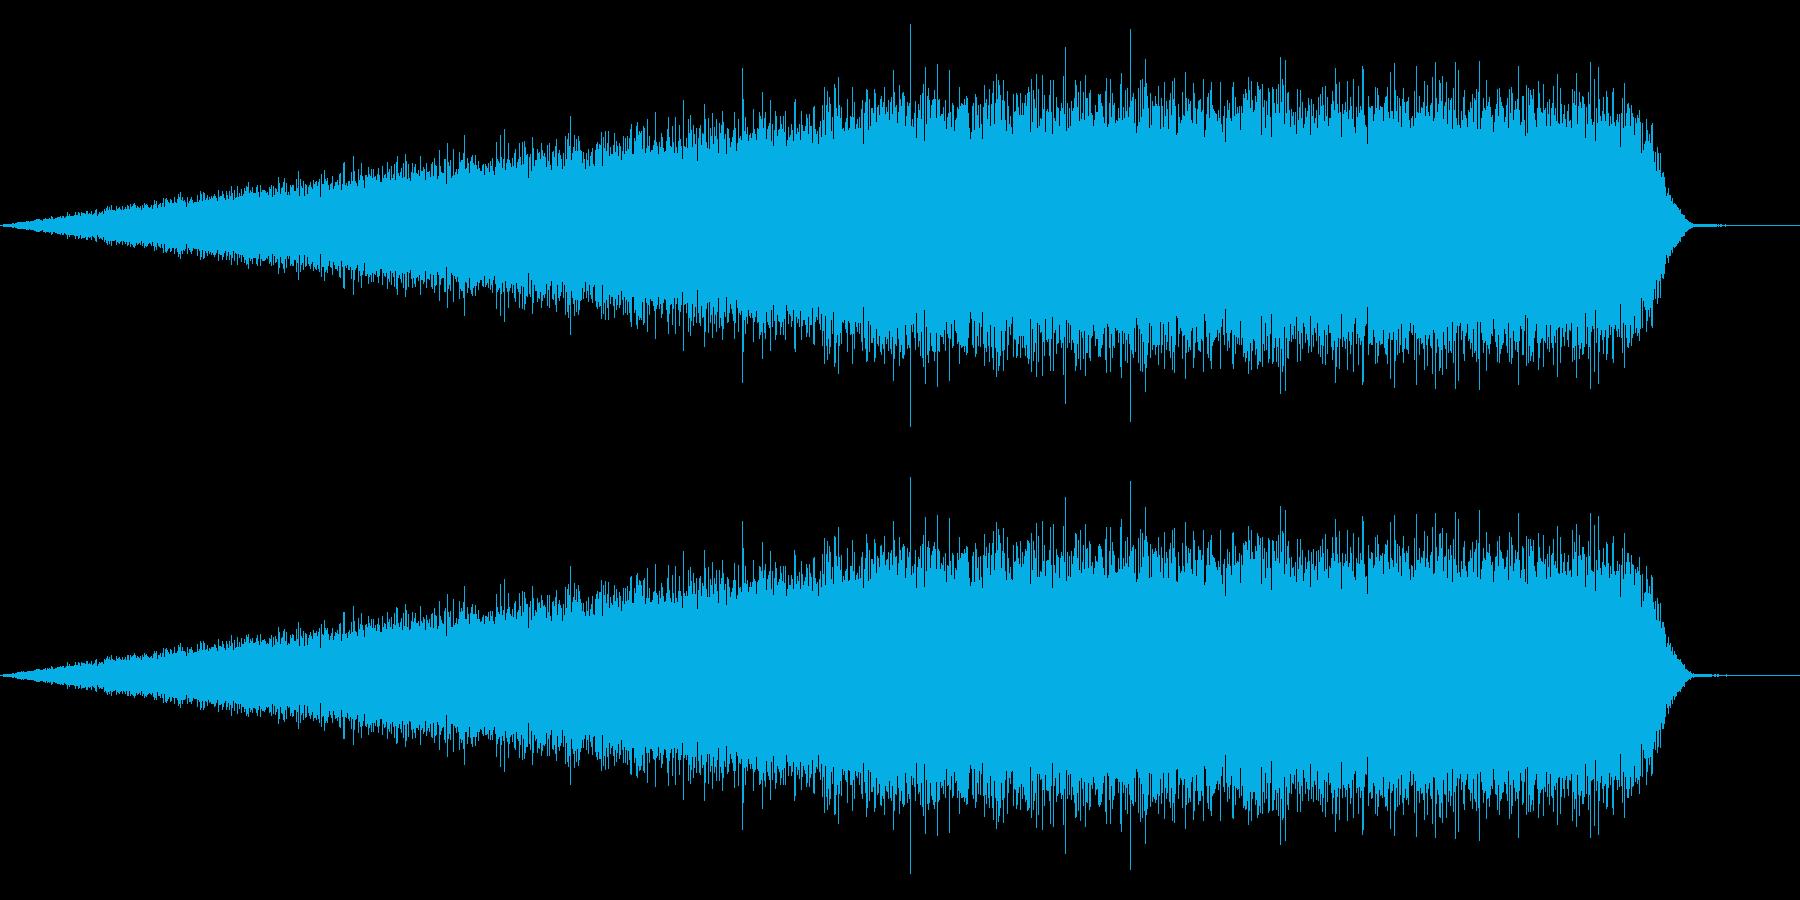 砂嵐ノイズのような効果音_ホラー系の再生済みの波形